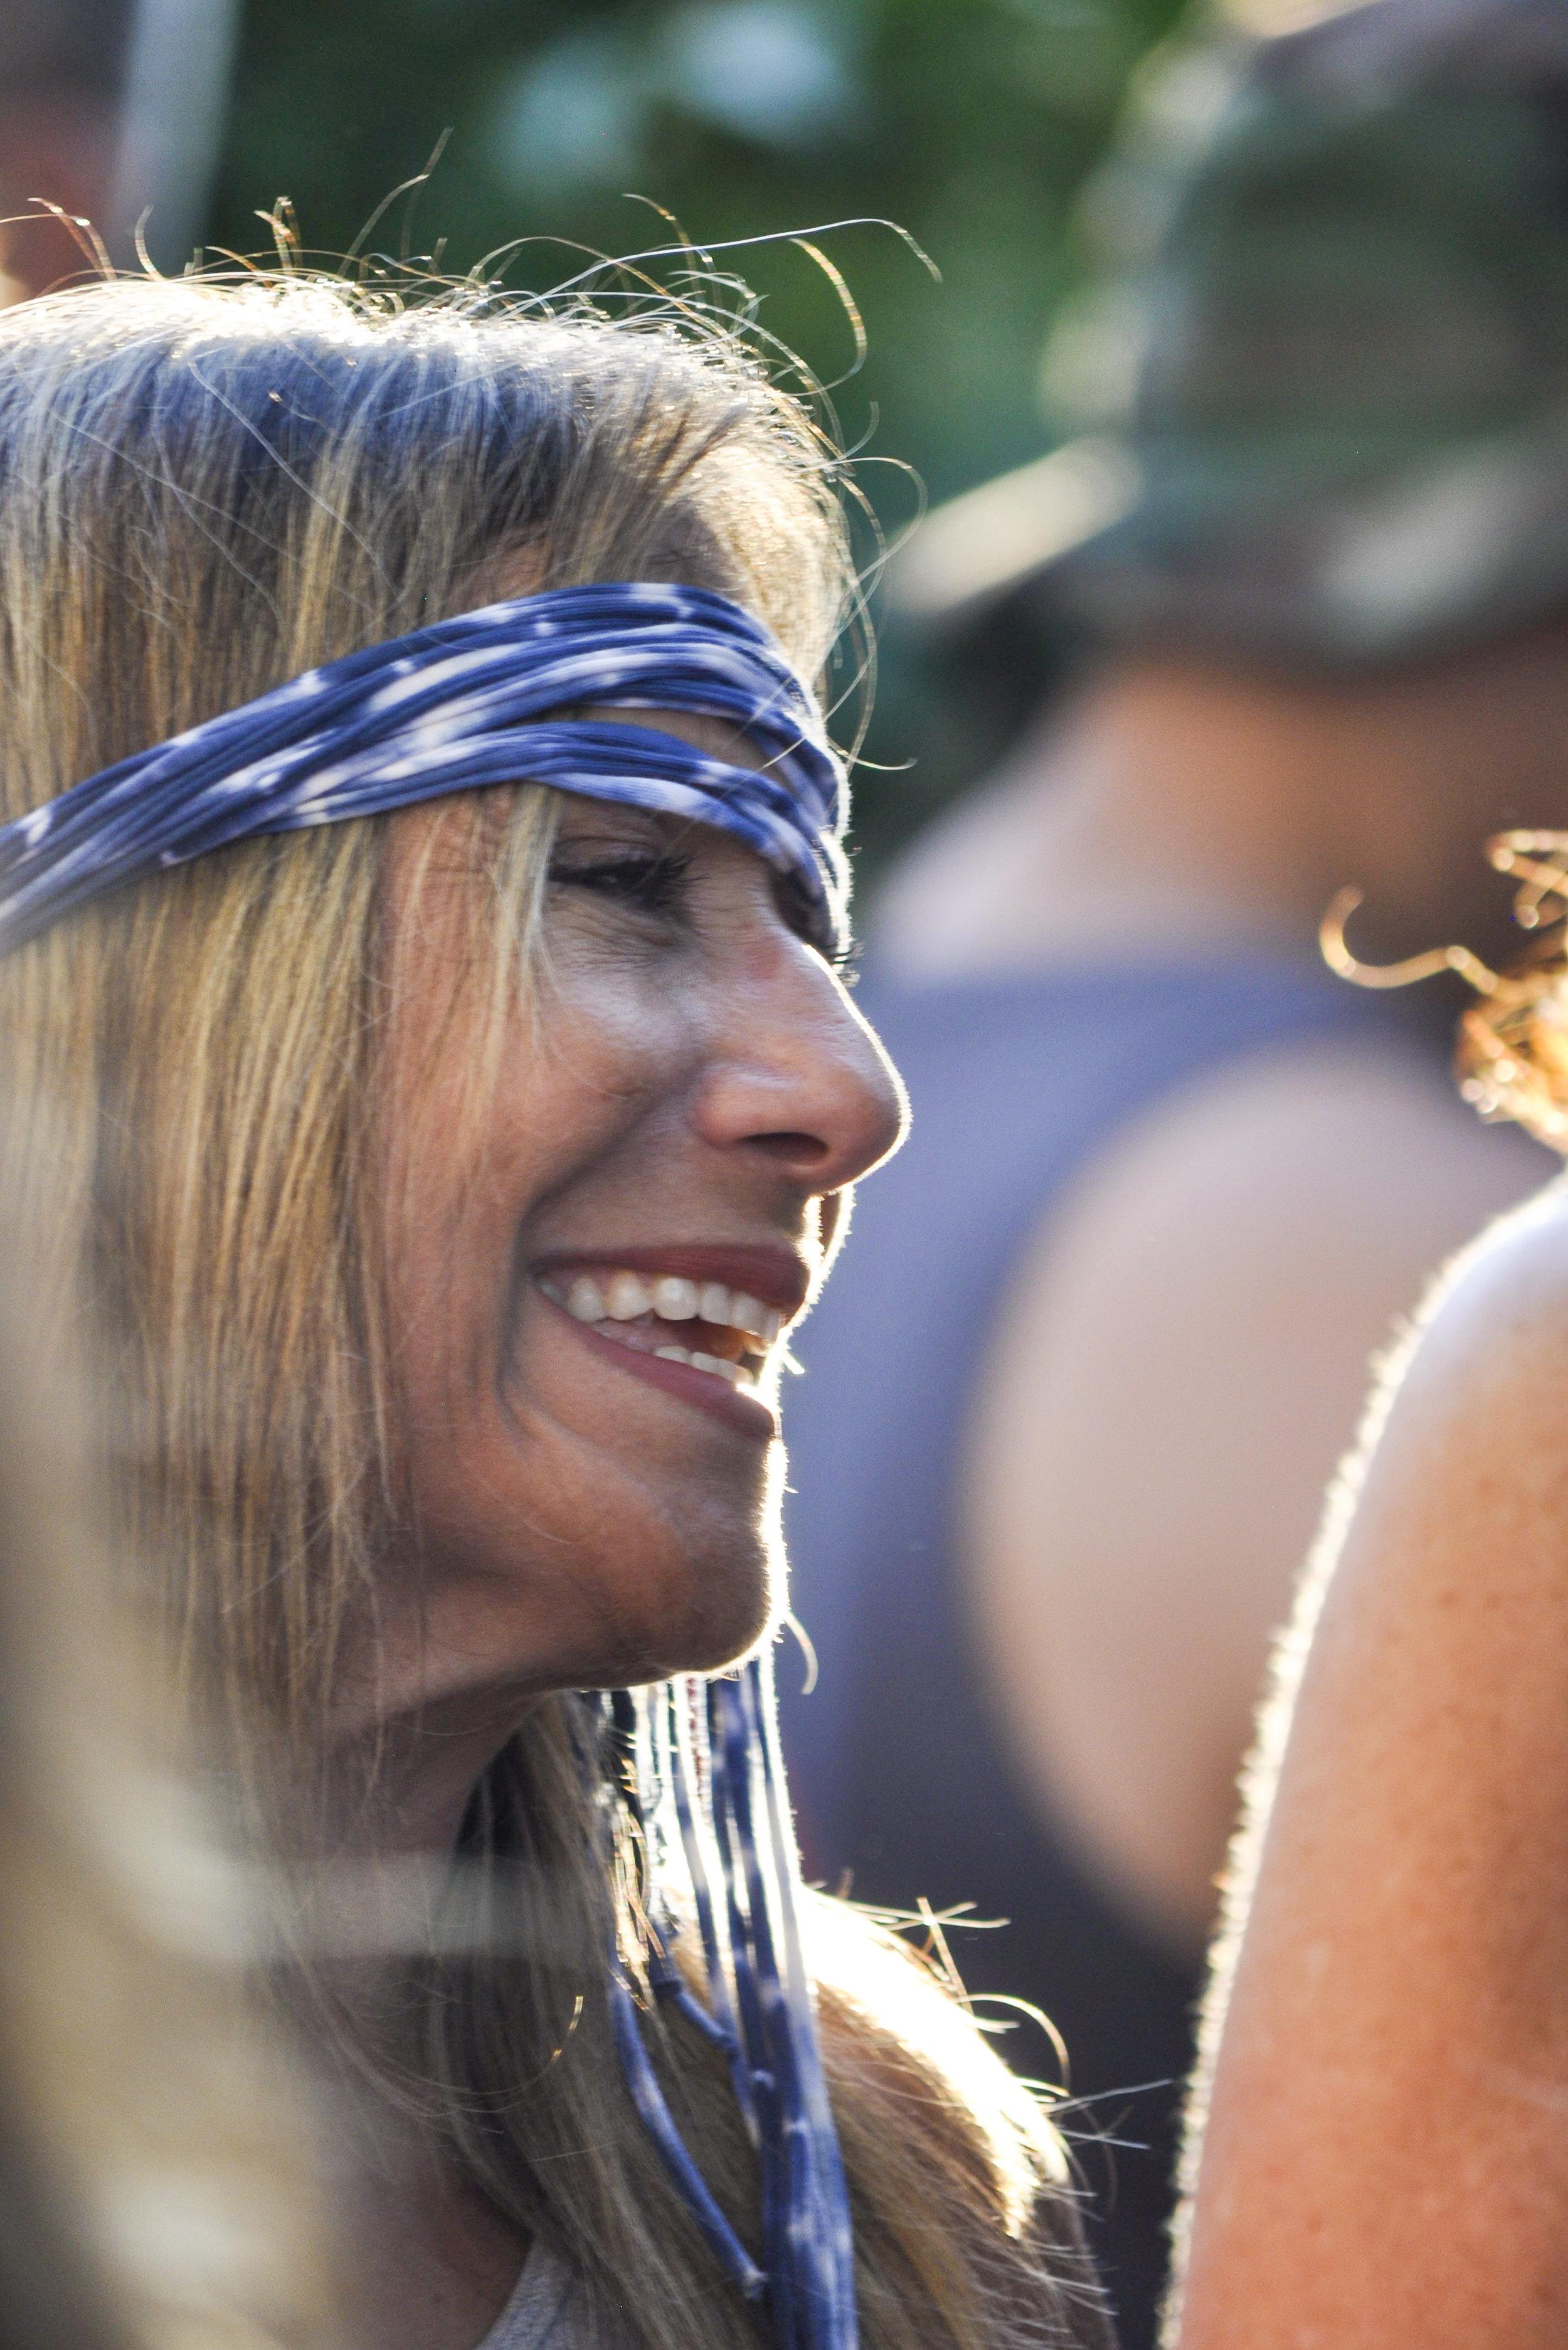 @ Woodstock 2019_woman bandana_smile.jpg